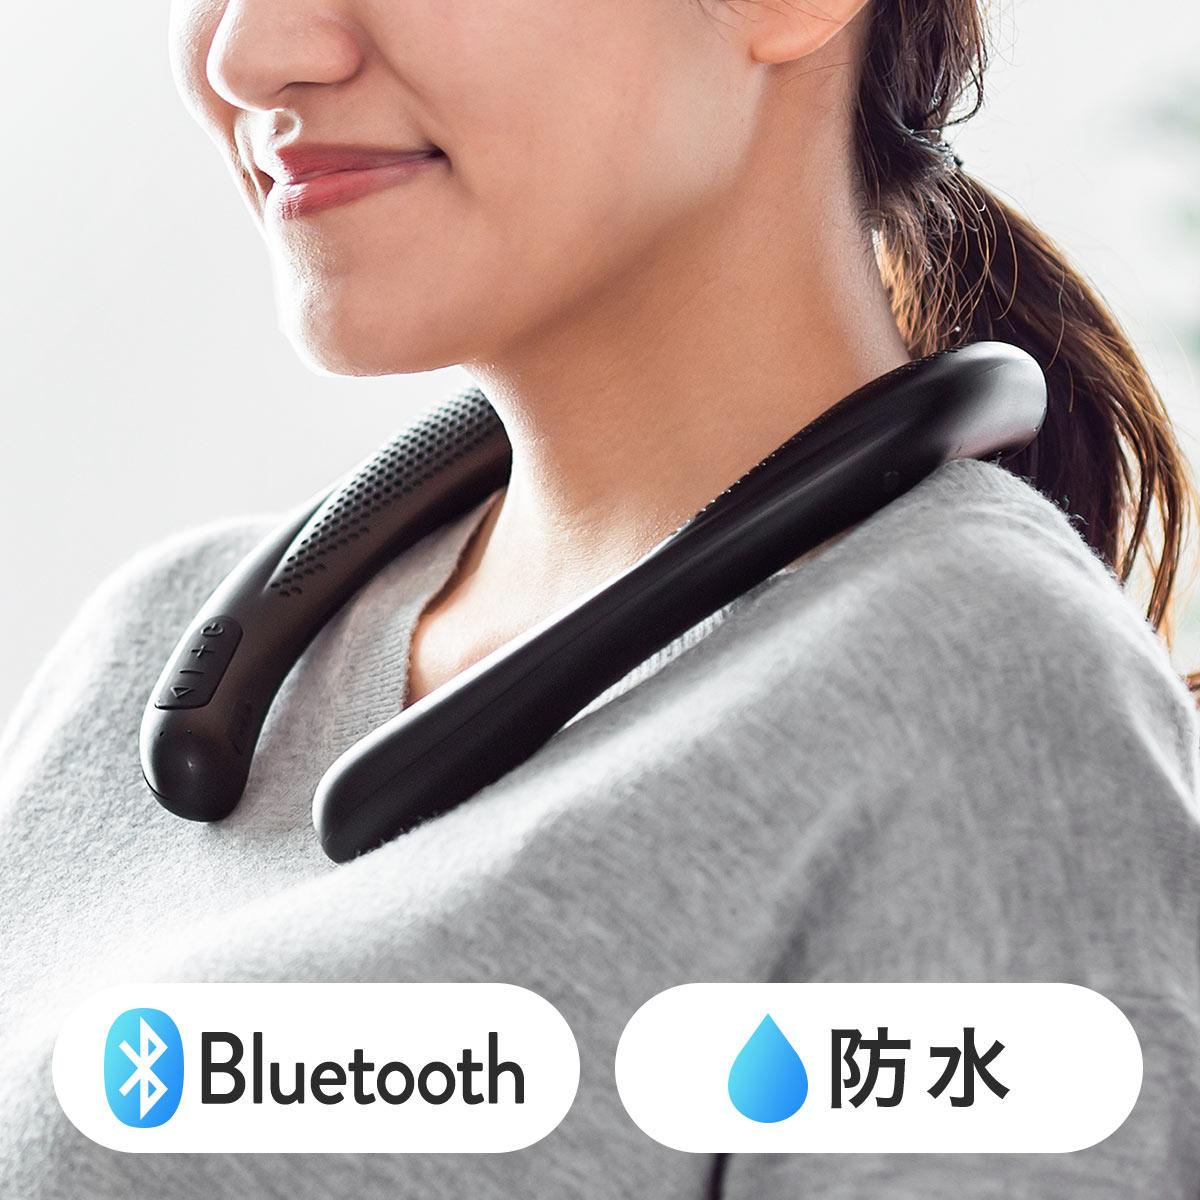 ネックスピーカー 首掛け ウェアラブル 肩掛け 肩にのせる ハンズフリー Bluetooth ブルートゥース ワイヤレス 防水 IPX5 通話 MP3 iPhone iPad 連続再生10時間 MP3